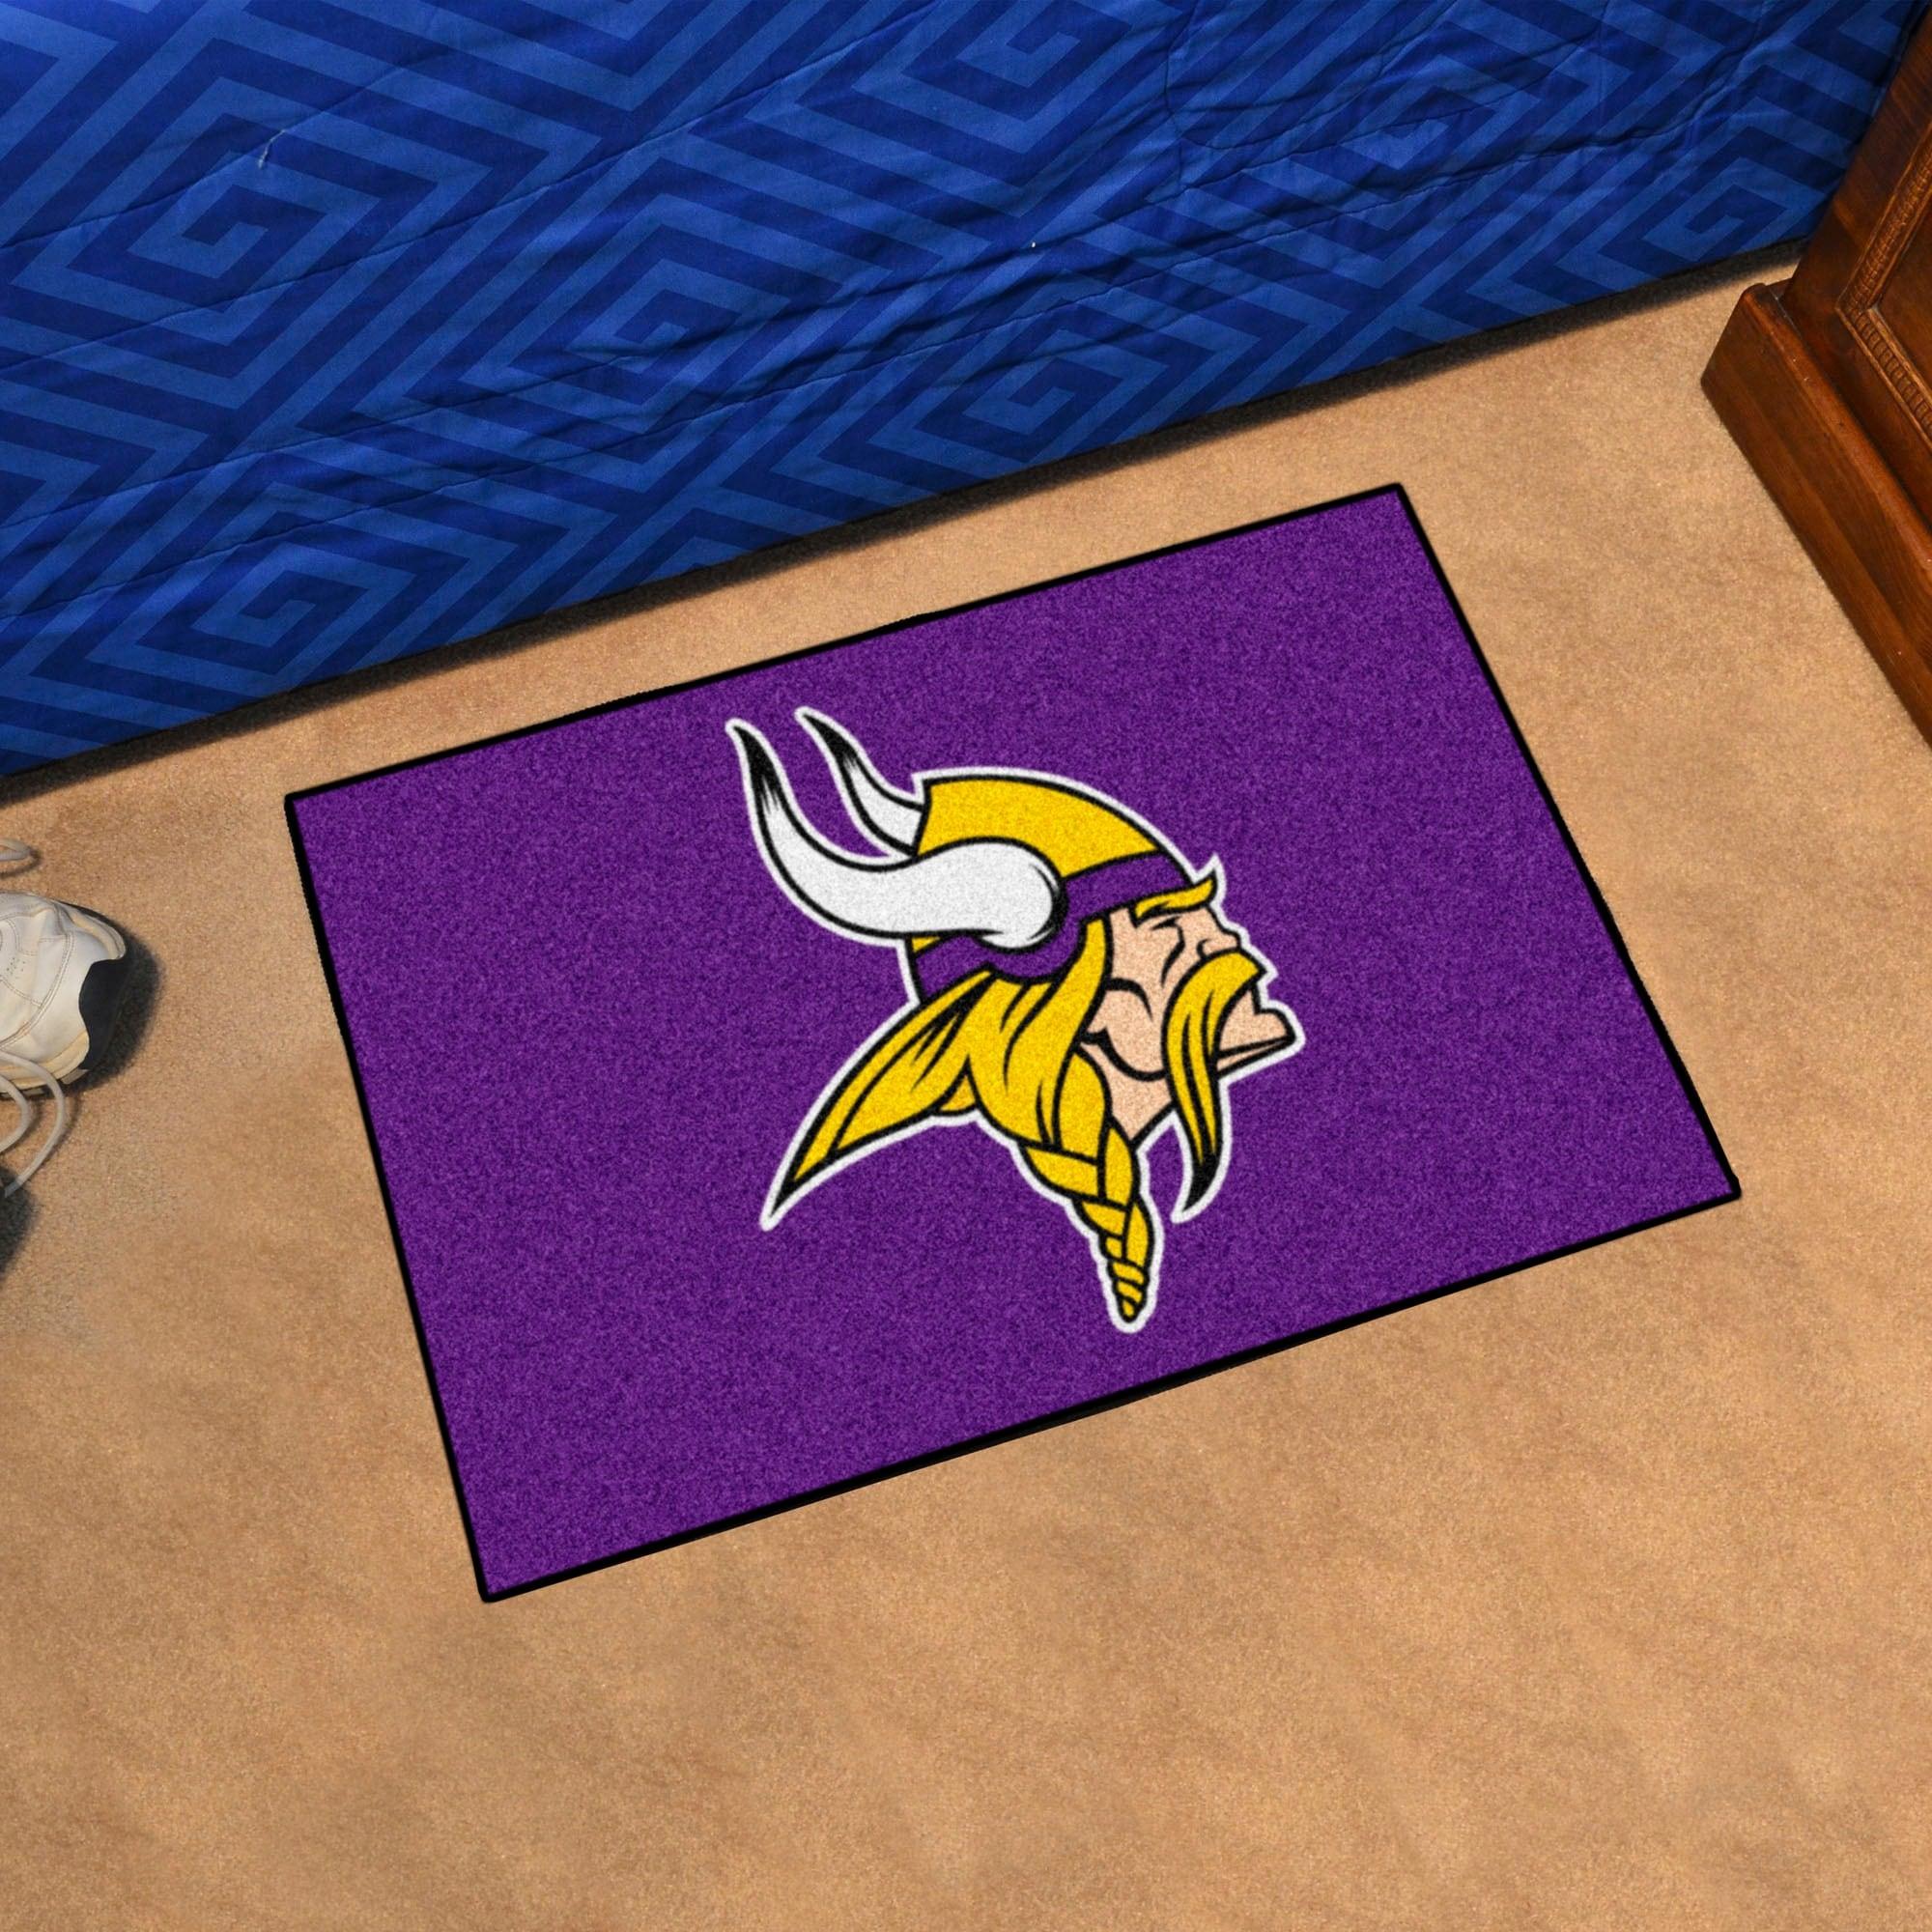 Nfl Minnesota Vikings Rug 19in